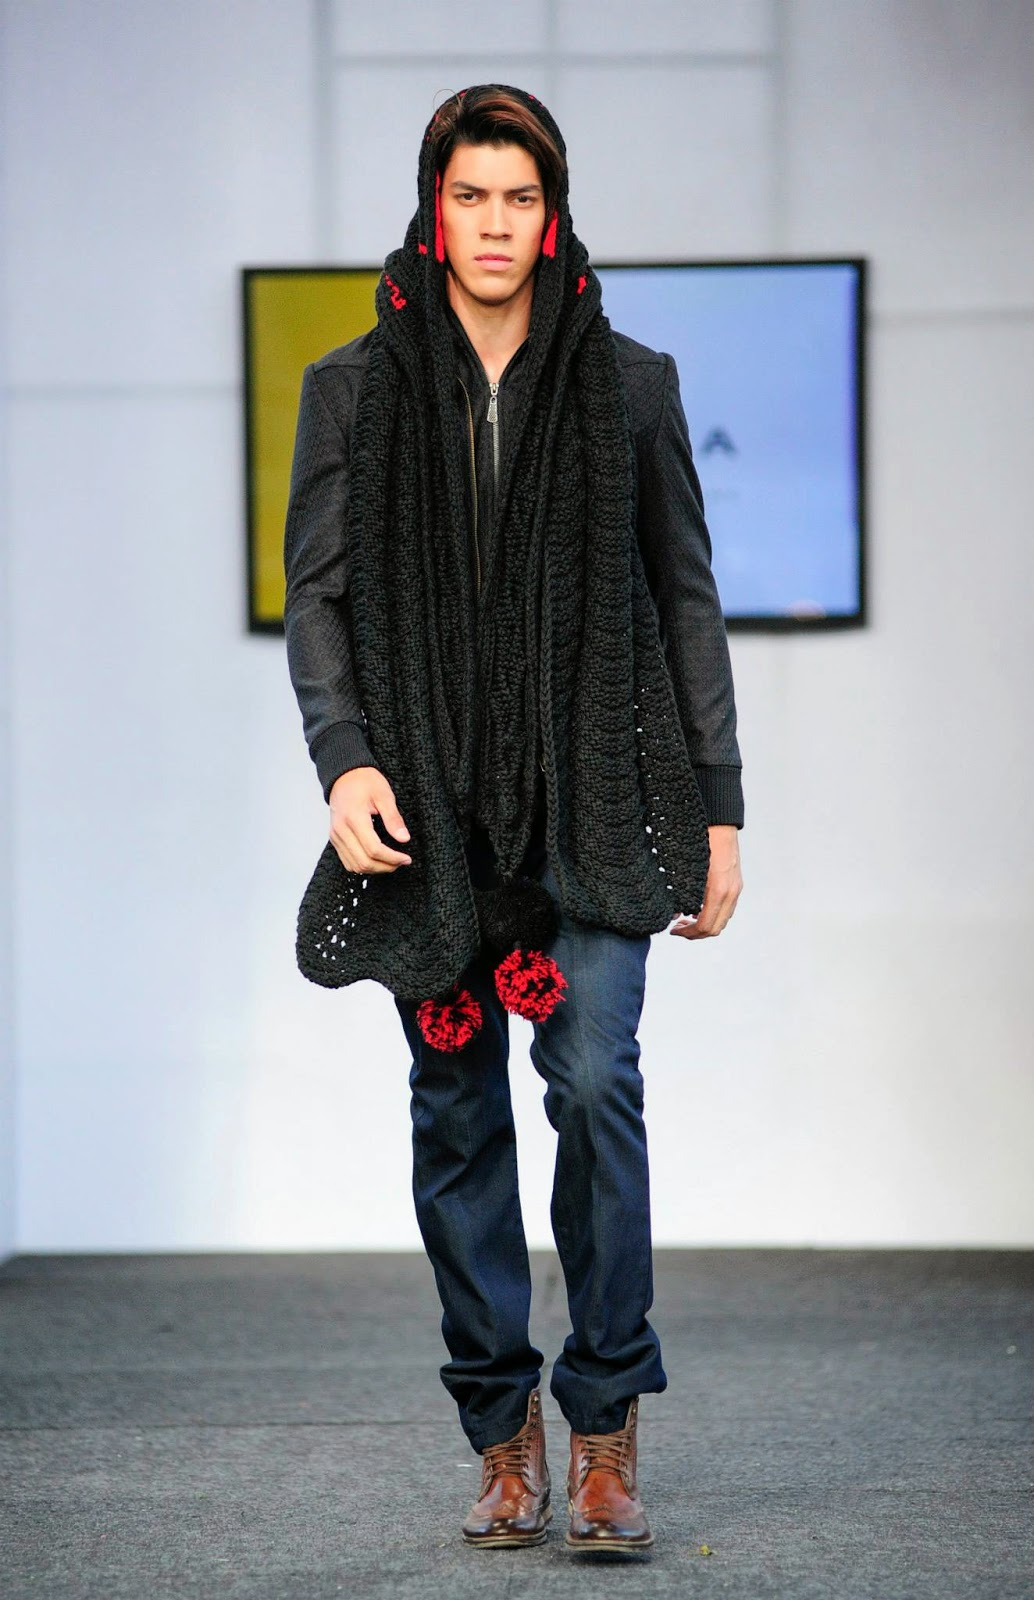 la rola colombiamoda 2014 male fashion trends